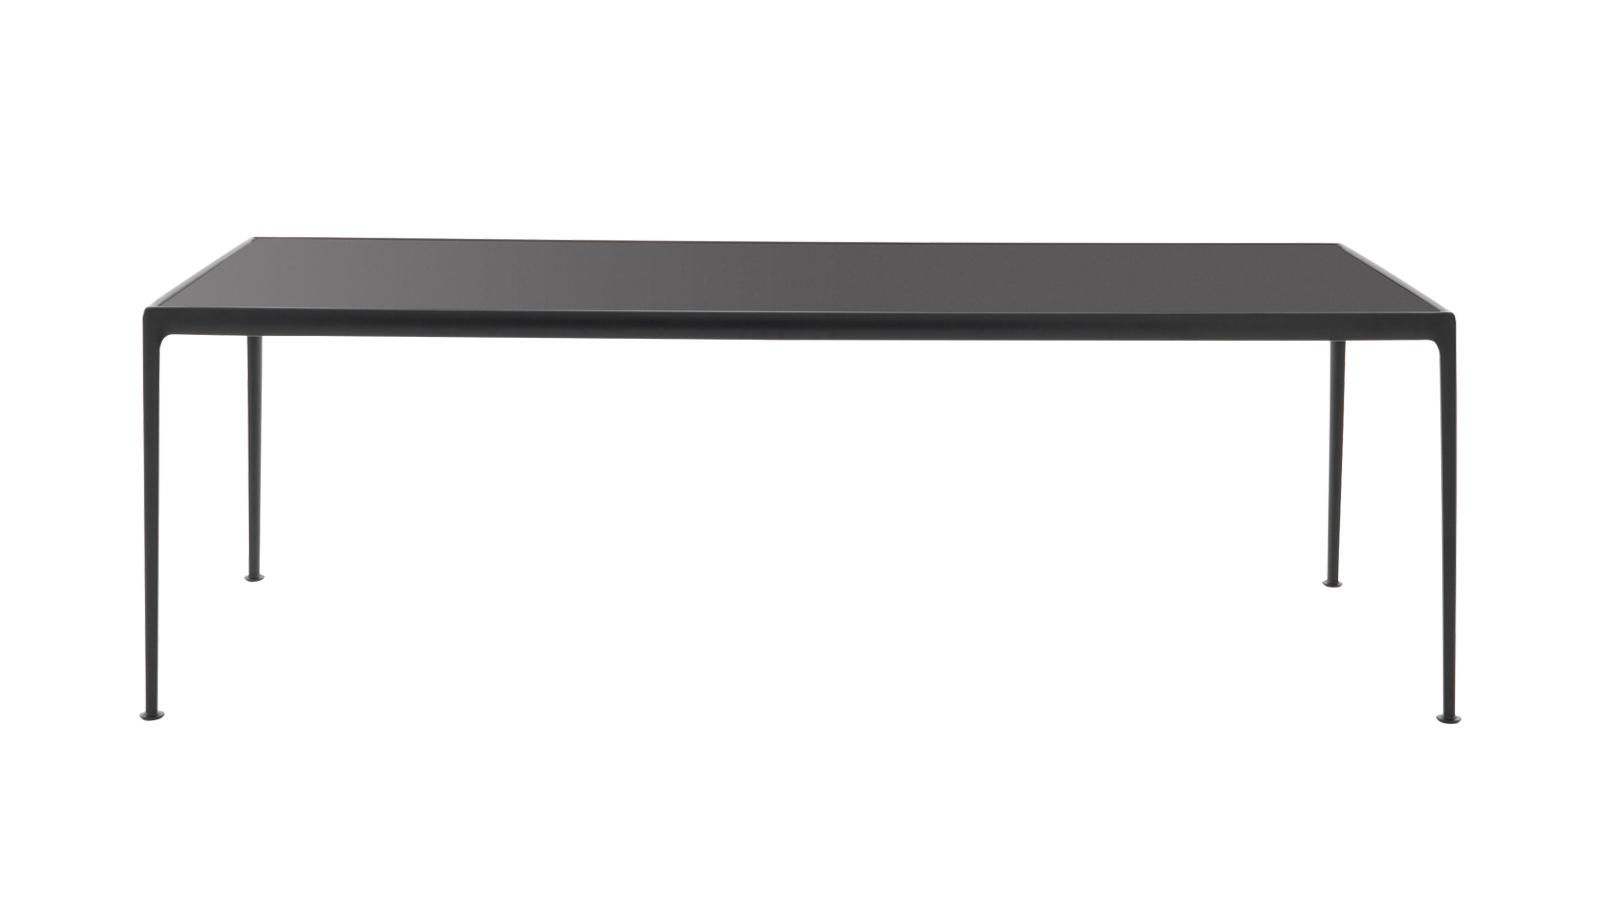 A Richard Schultz által 1966-ban tervezett kültéri étkezőasztalt több, mint ötven éve gyártja folyamatosan a Knoll – a forma pedig ez idő alatt mit sem veszített univerzalitásából. A bútor, mely egy nagyobb, kültéri kollekció része, ma már többféle asztallappal és szintén többféle színű szerkezettel elérhető.